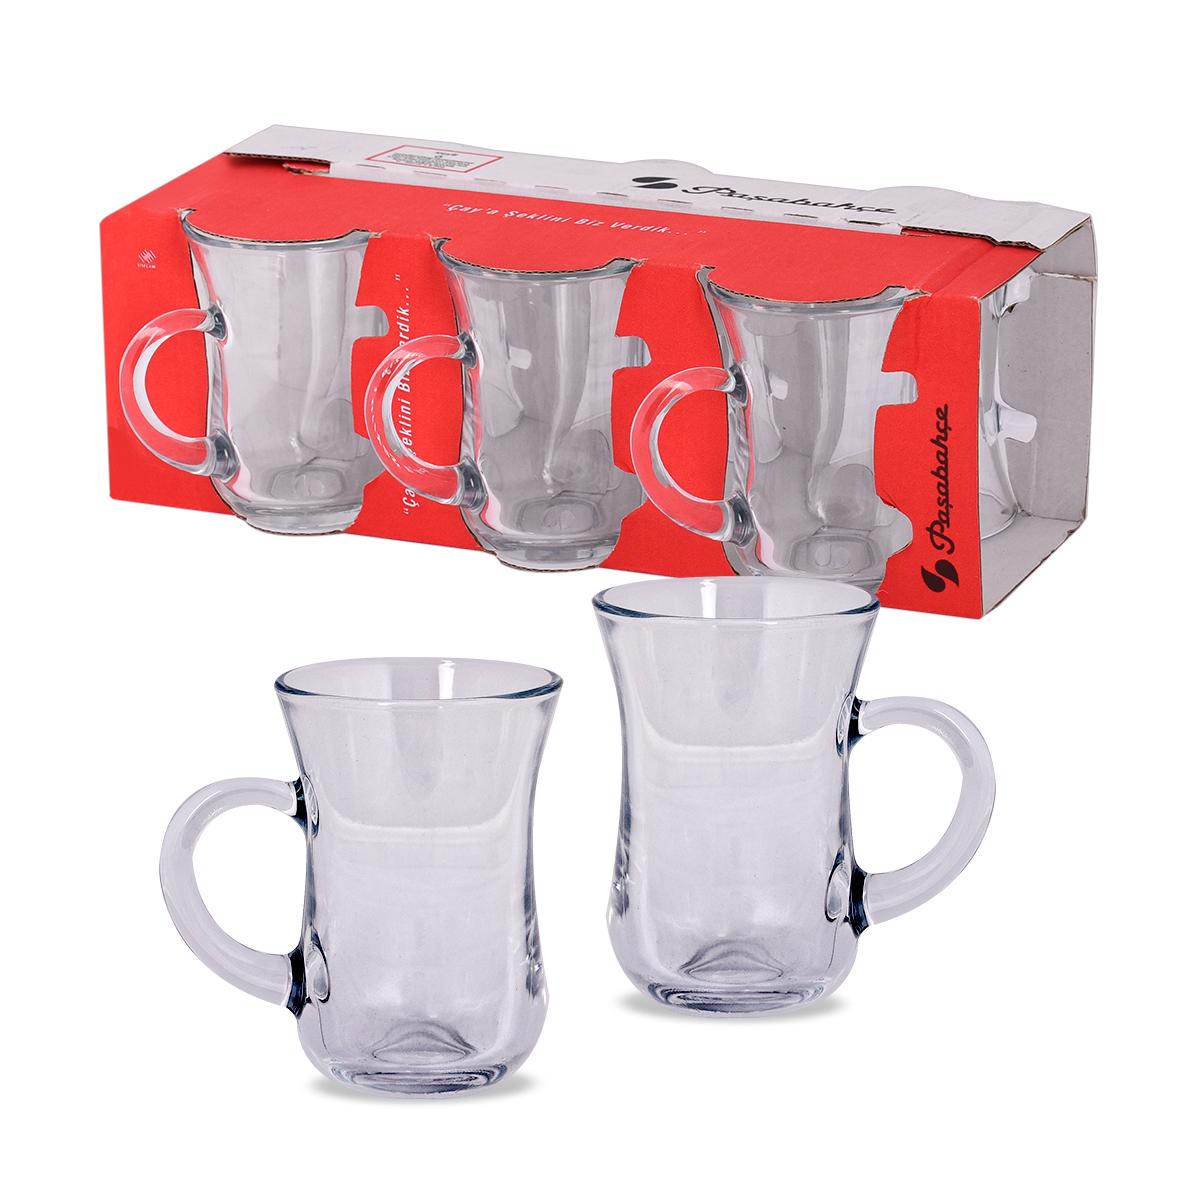 بيالات شاي زجاج كييف التركية - طقم 6 حبة - رقم 55411